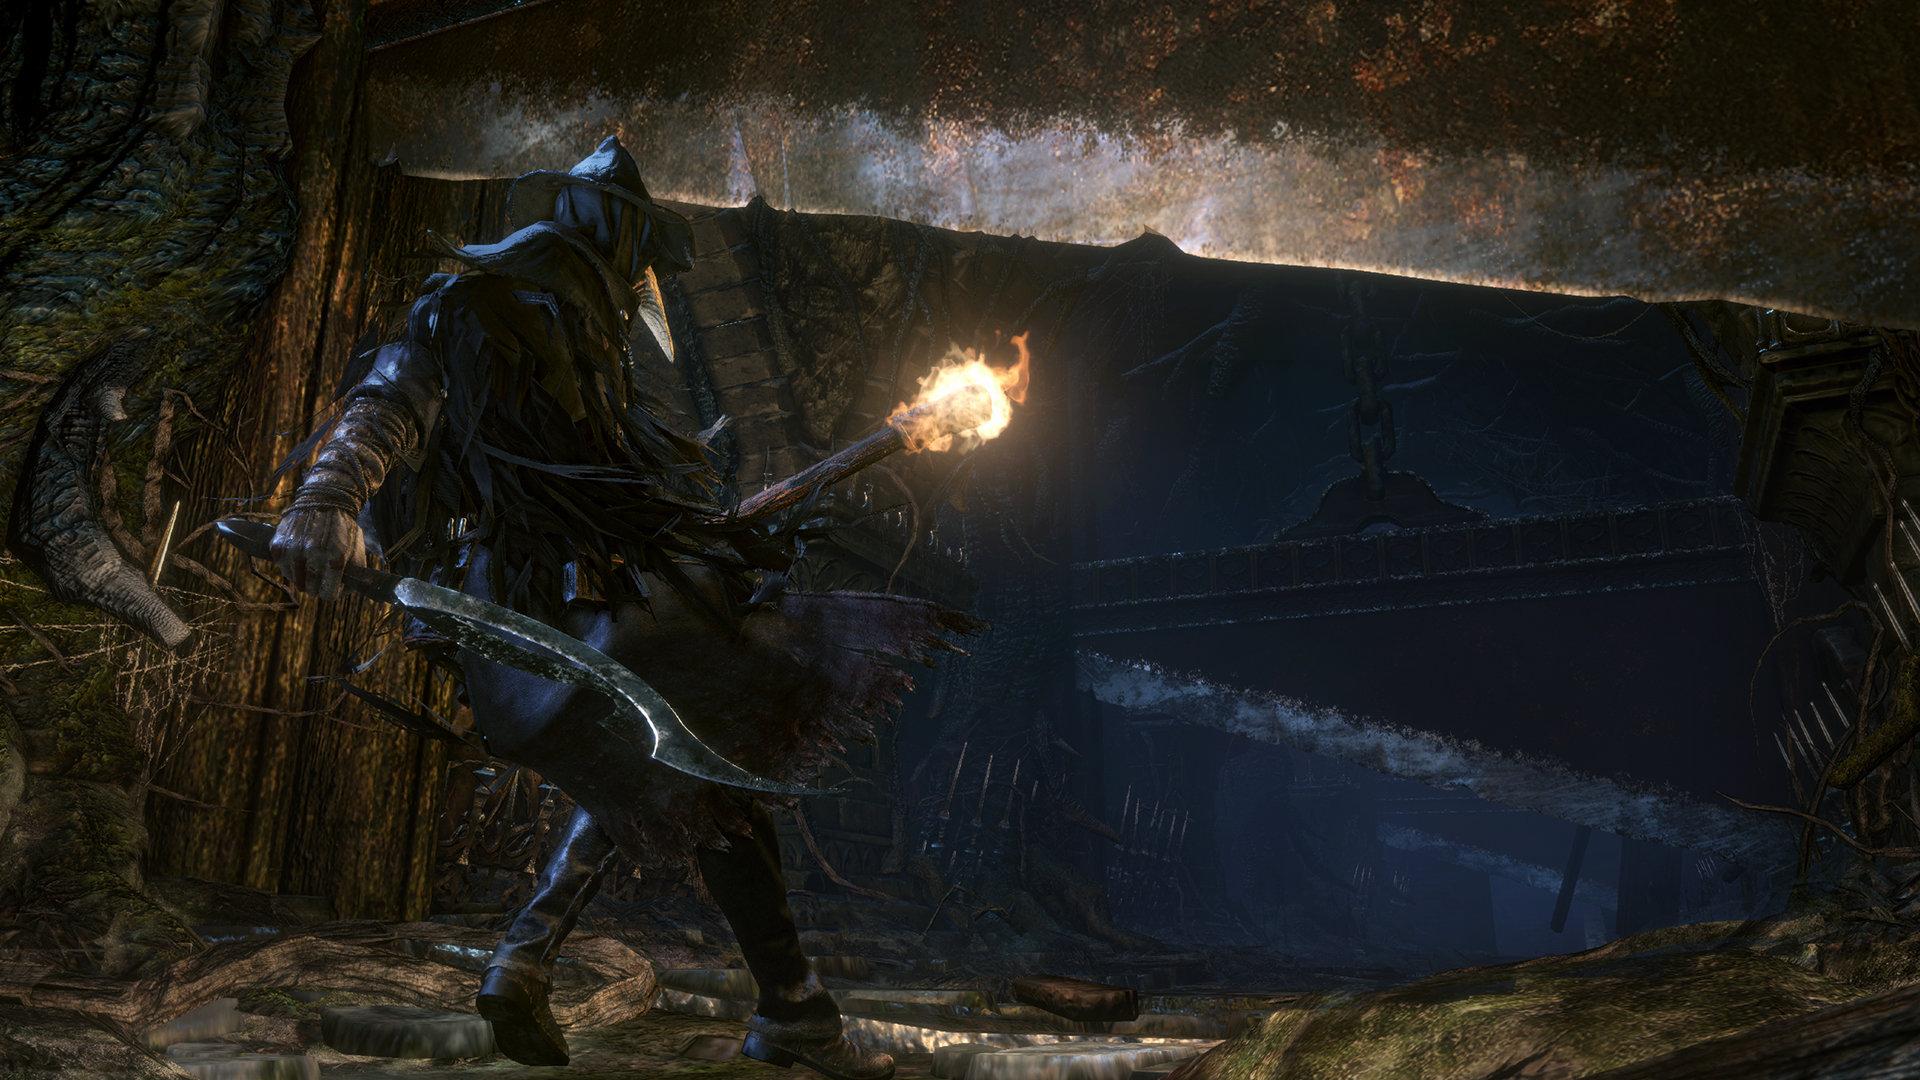 bloodborne-chalice-dungeon-traps-screen-